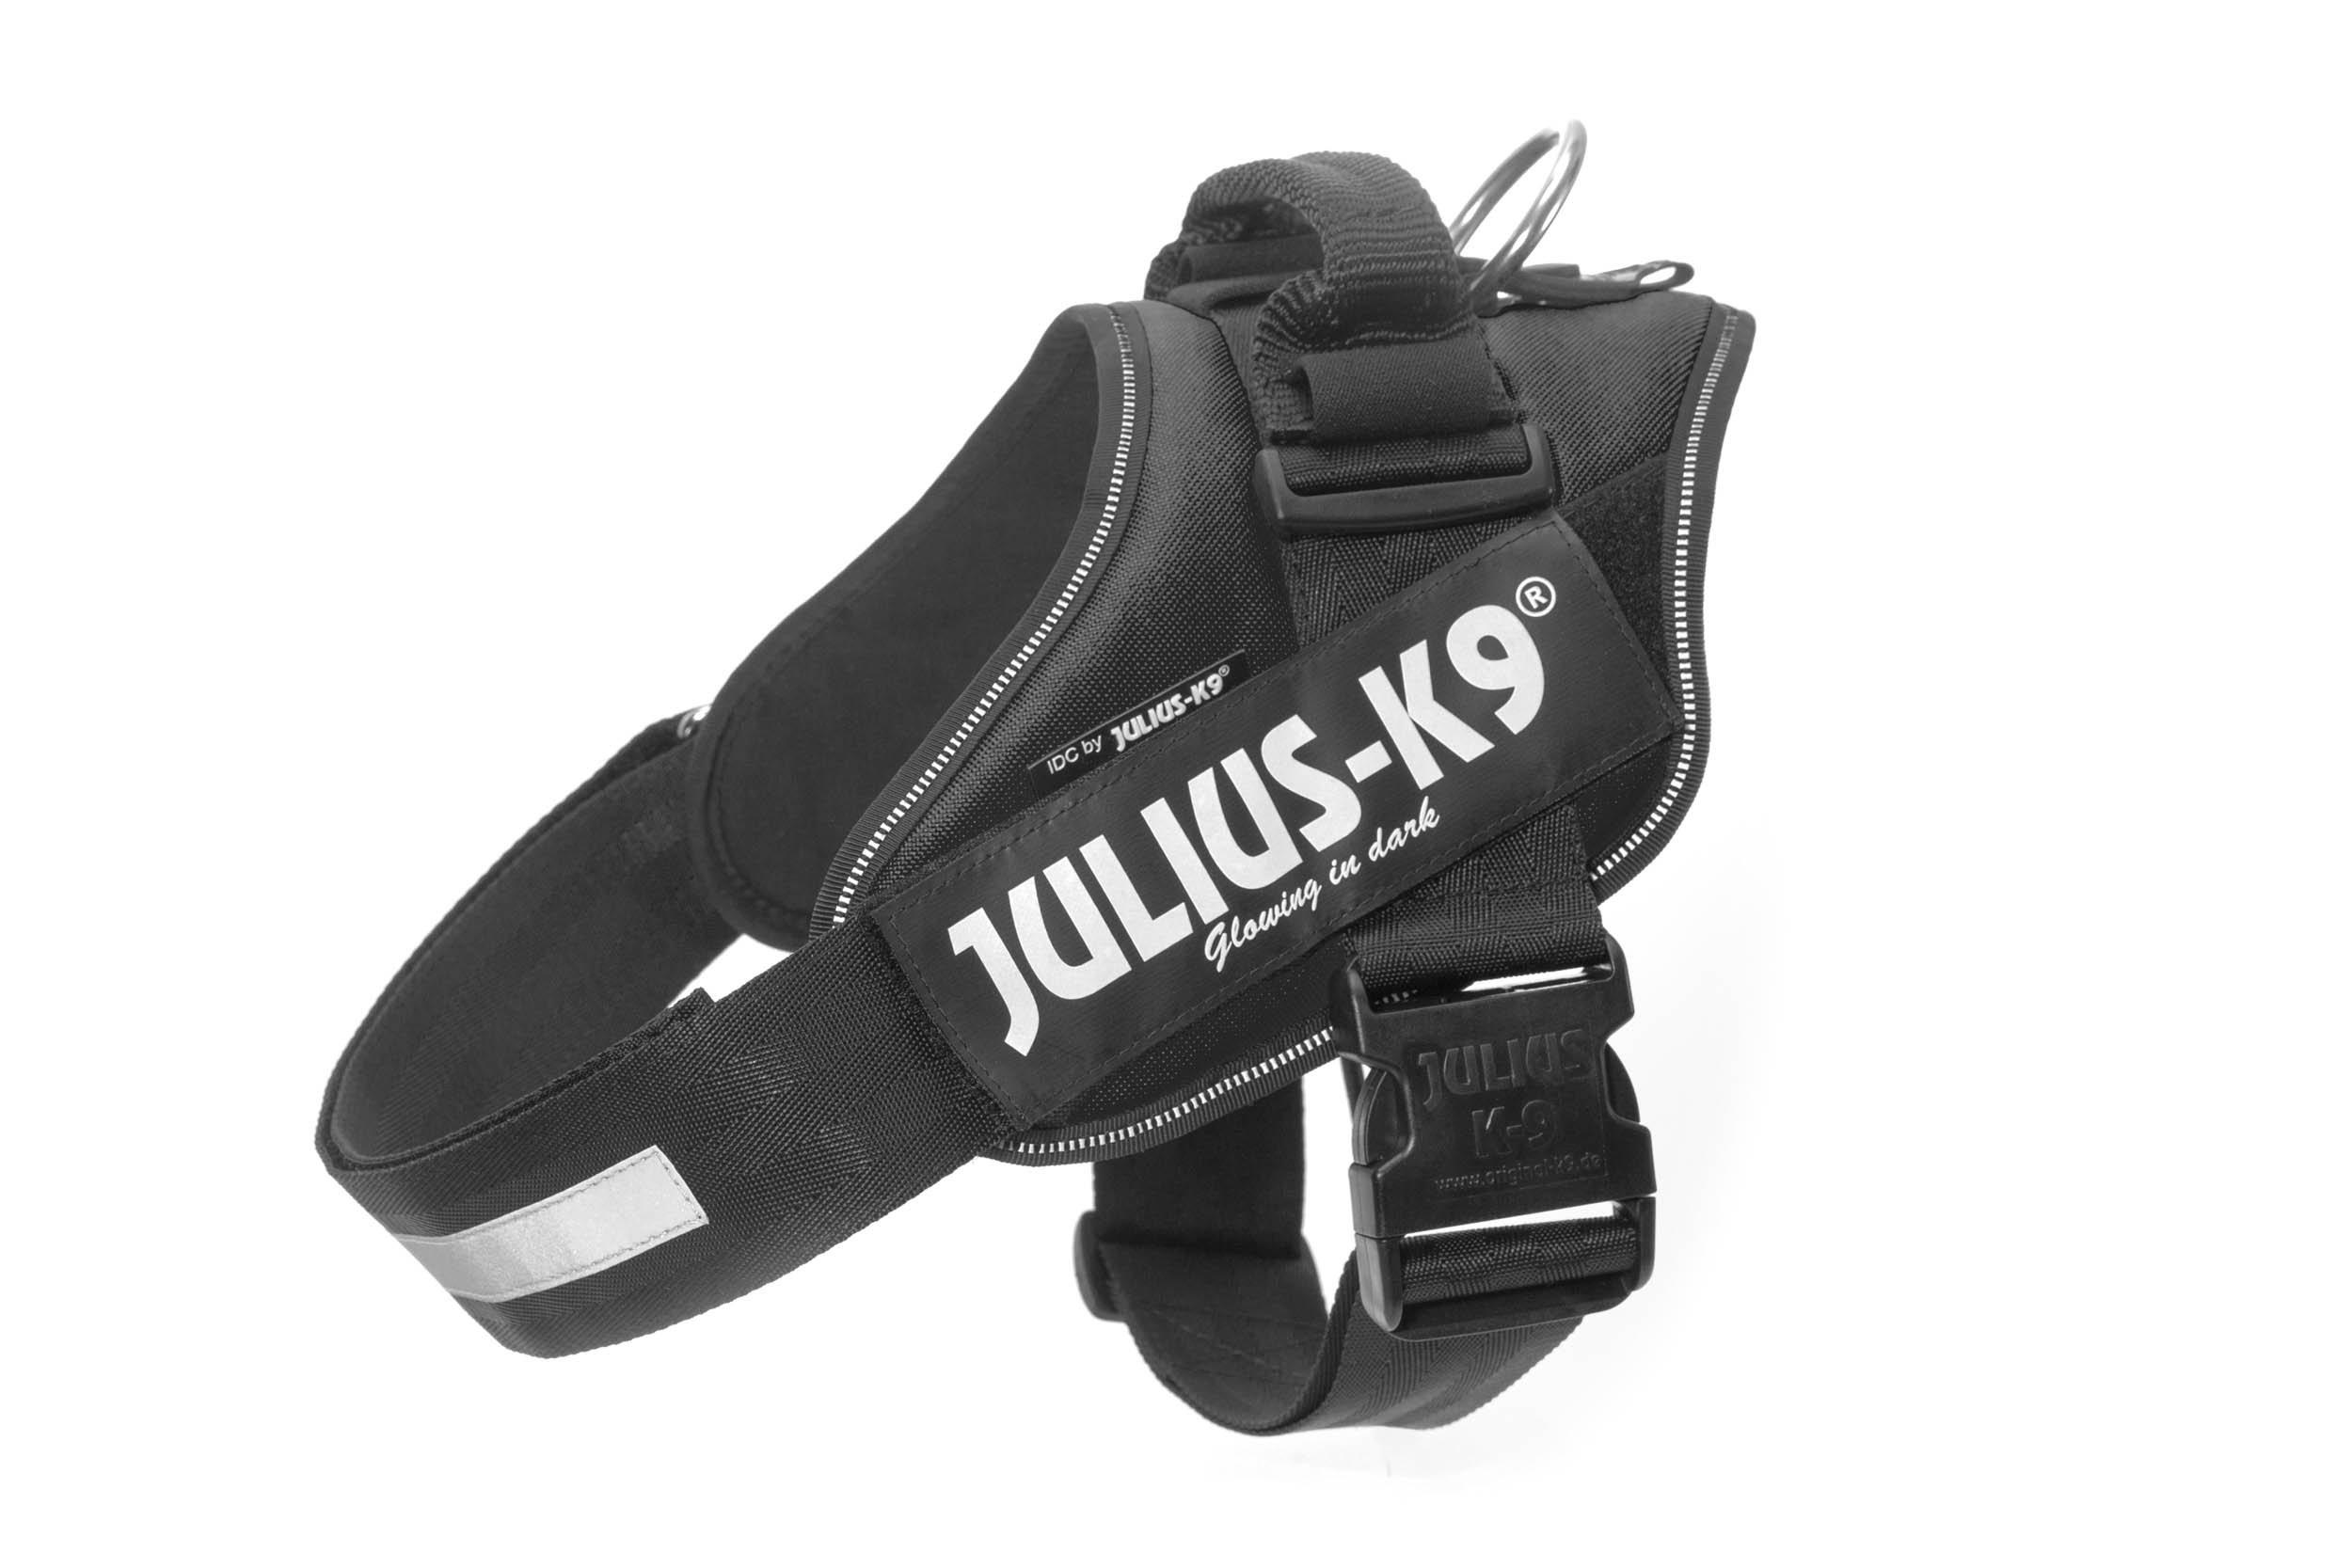 Julius K9 IDC Harnais pour chien Noir 2 (70 - 95 cm / 28-40 kg) product image